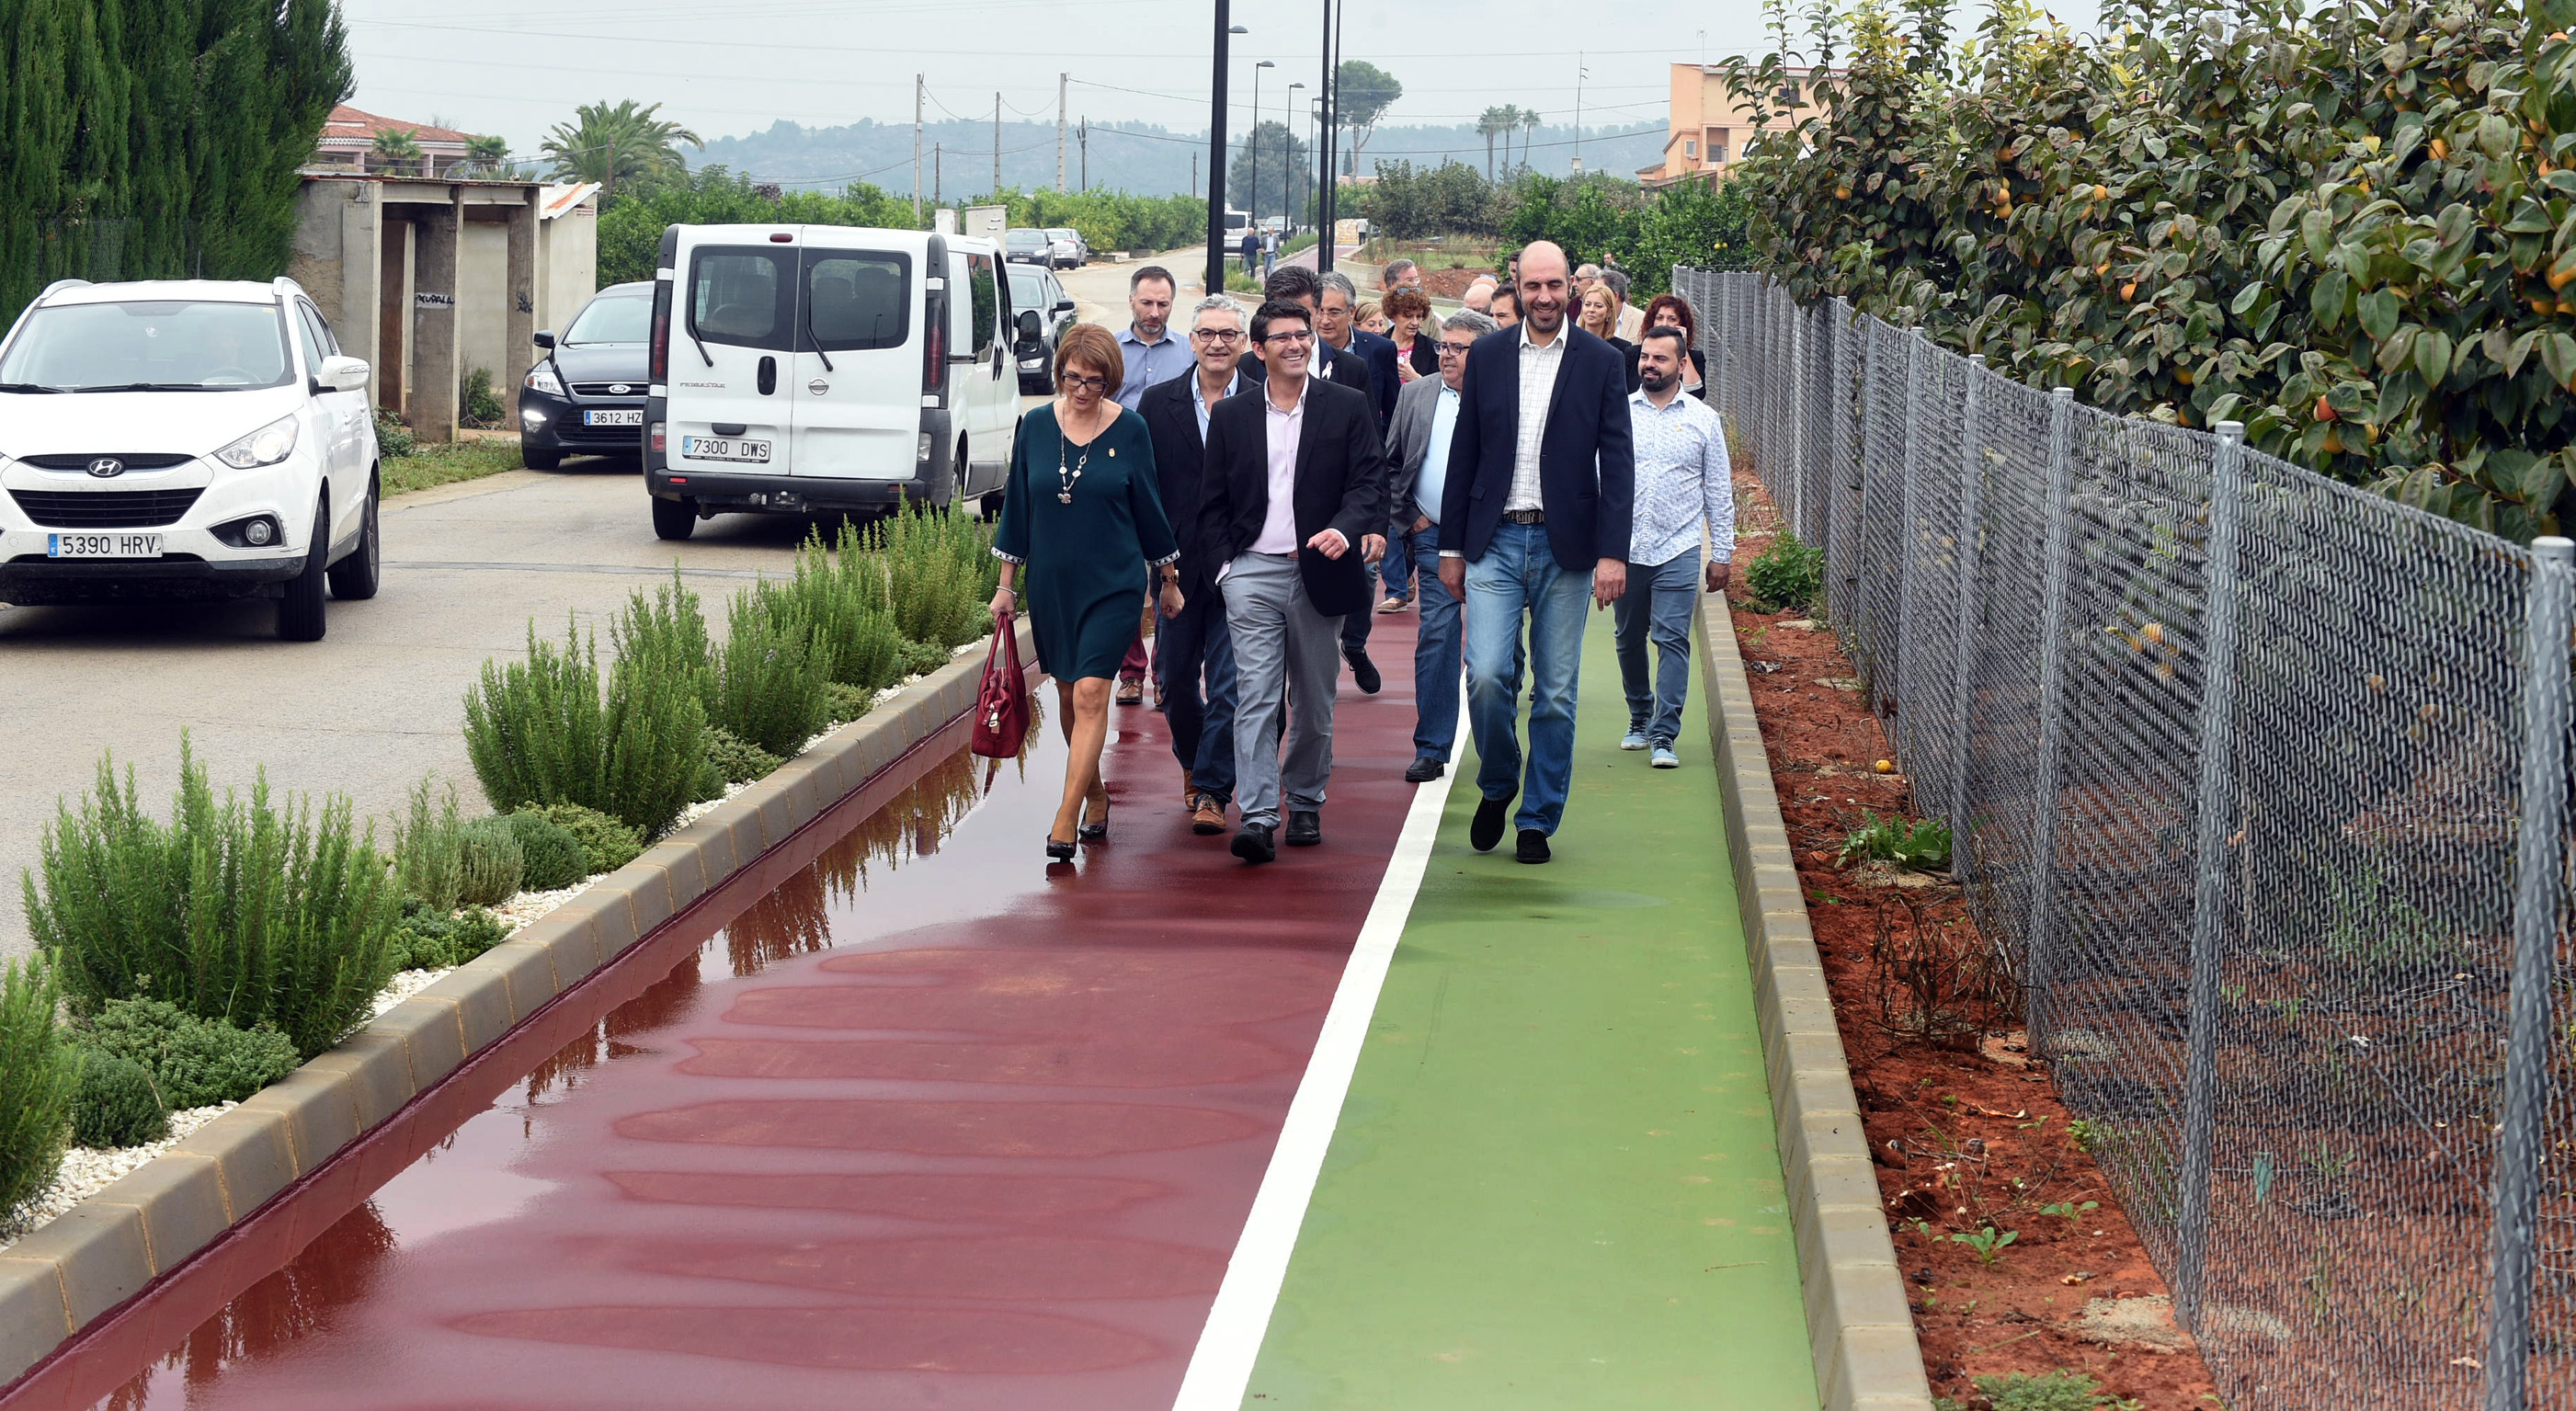 """El diputado de Carreteras, Pablo Seguí, ha destacado que con esta actuación """"se busca poner en valor las vías de comunicación alternativas entre poblaciones, fomentando la movilidad sostenible""""."""